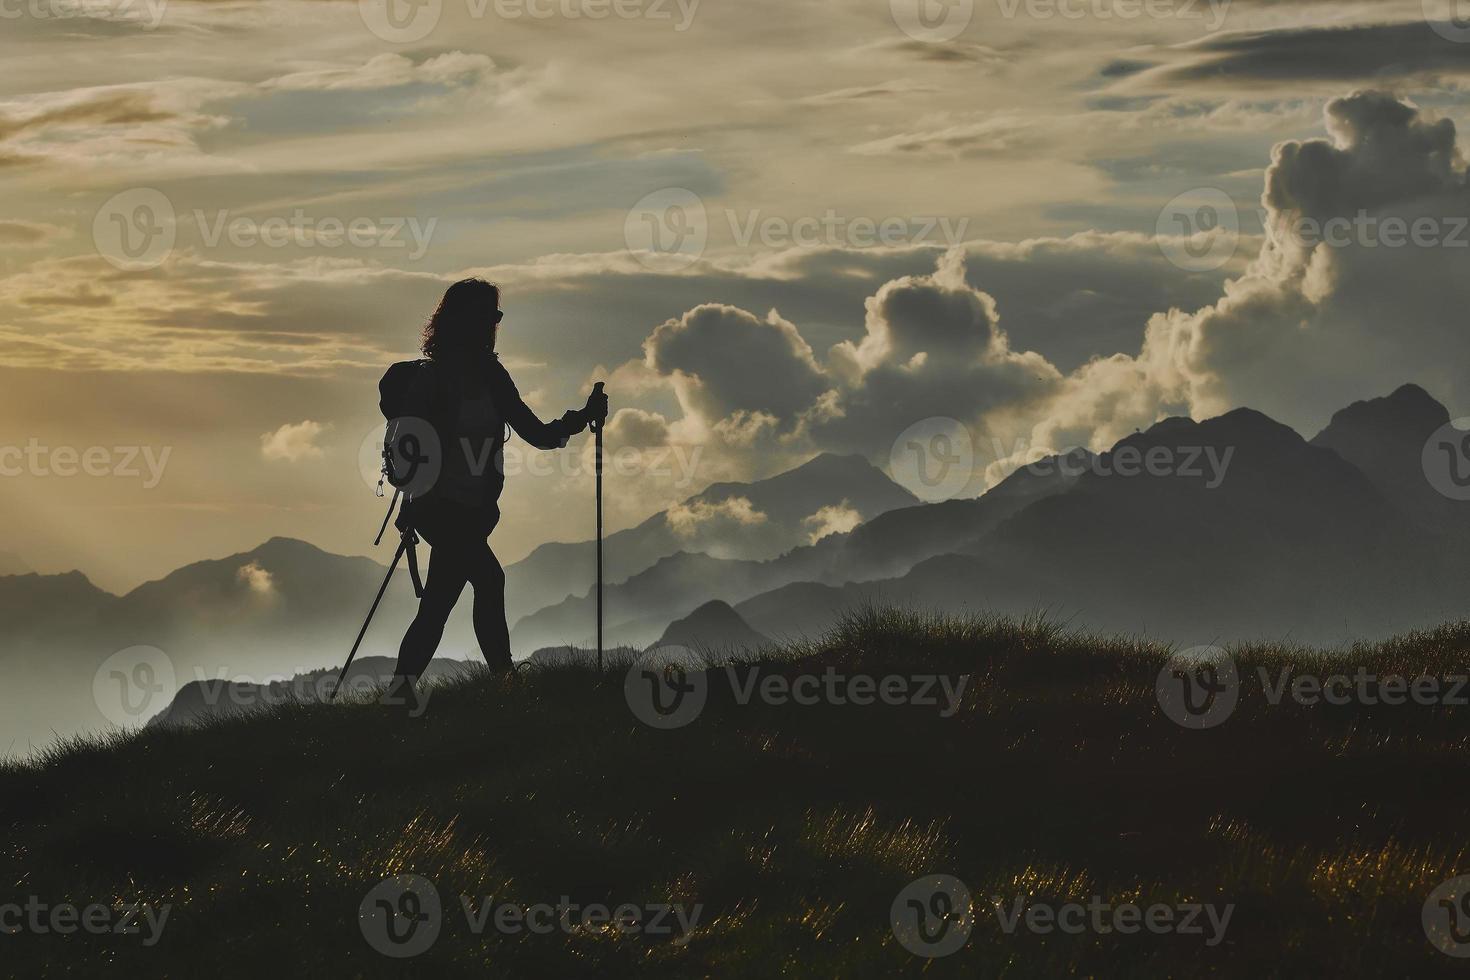 camminare in solitudine sulle alpi. una donna con lo sfondo di montagne astratte tra le nuvole foto